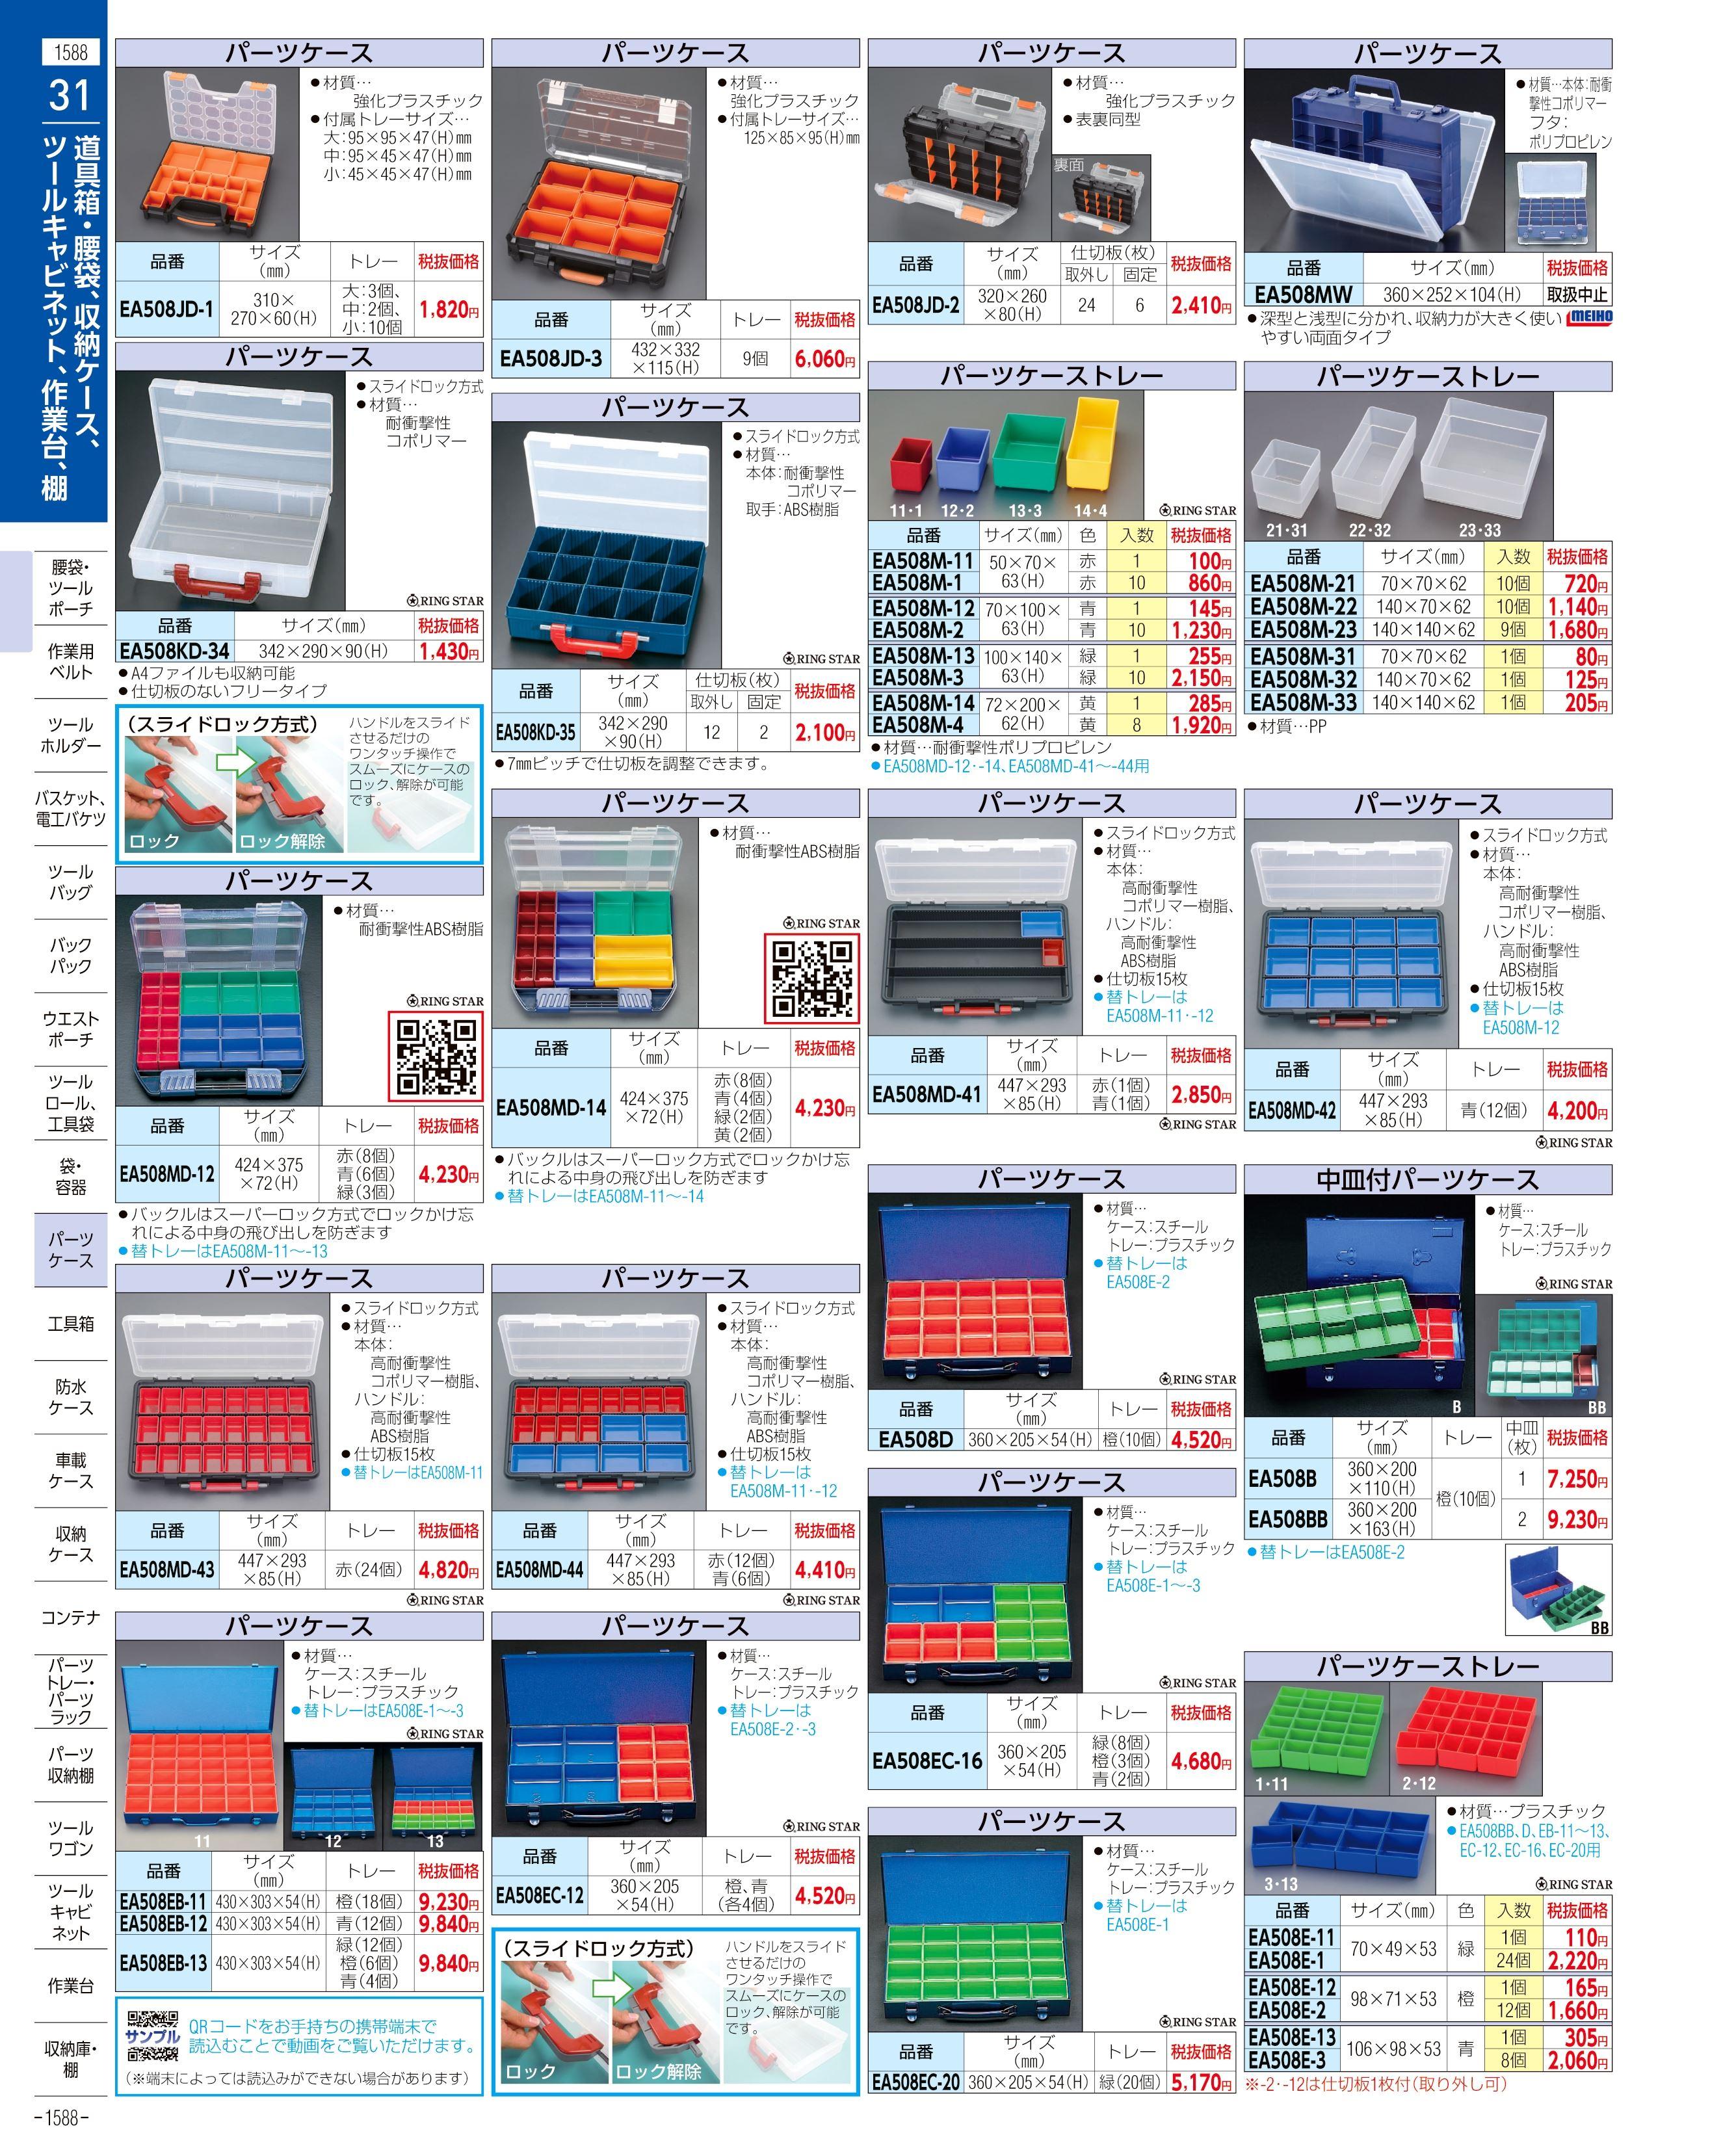 エスコ便利カタログ1588ページ